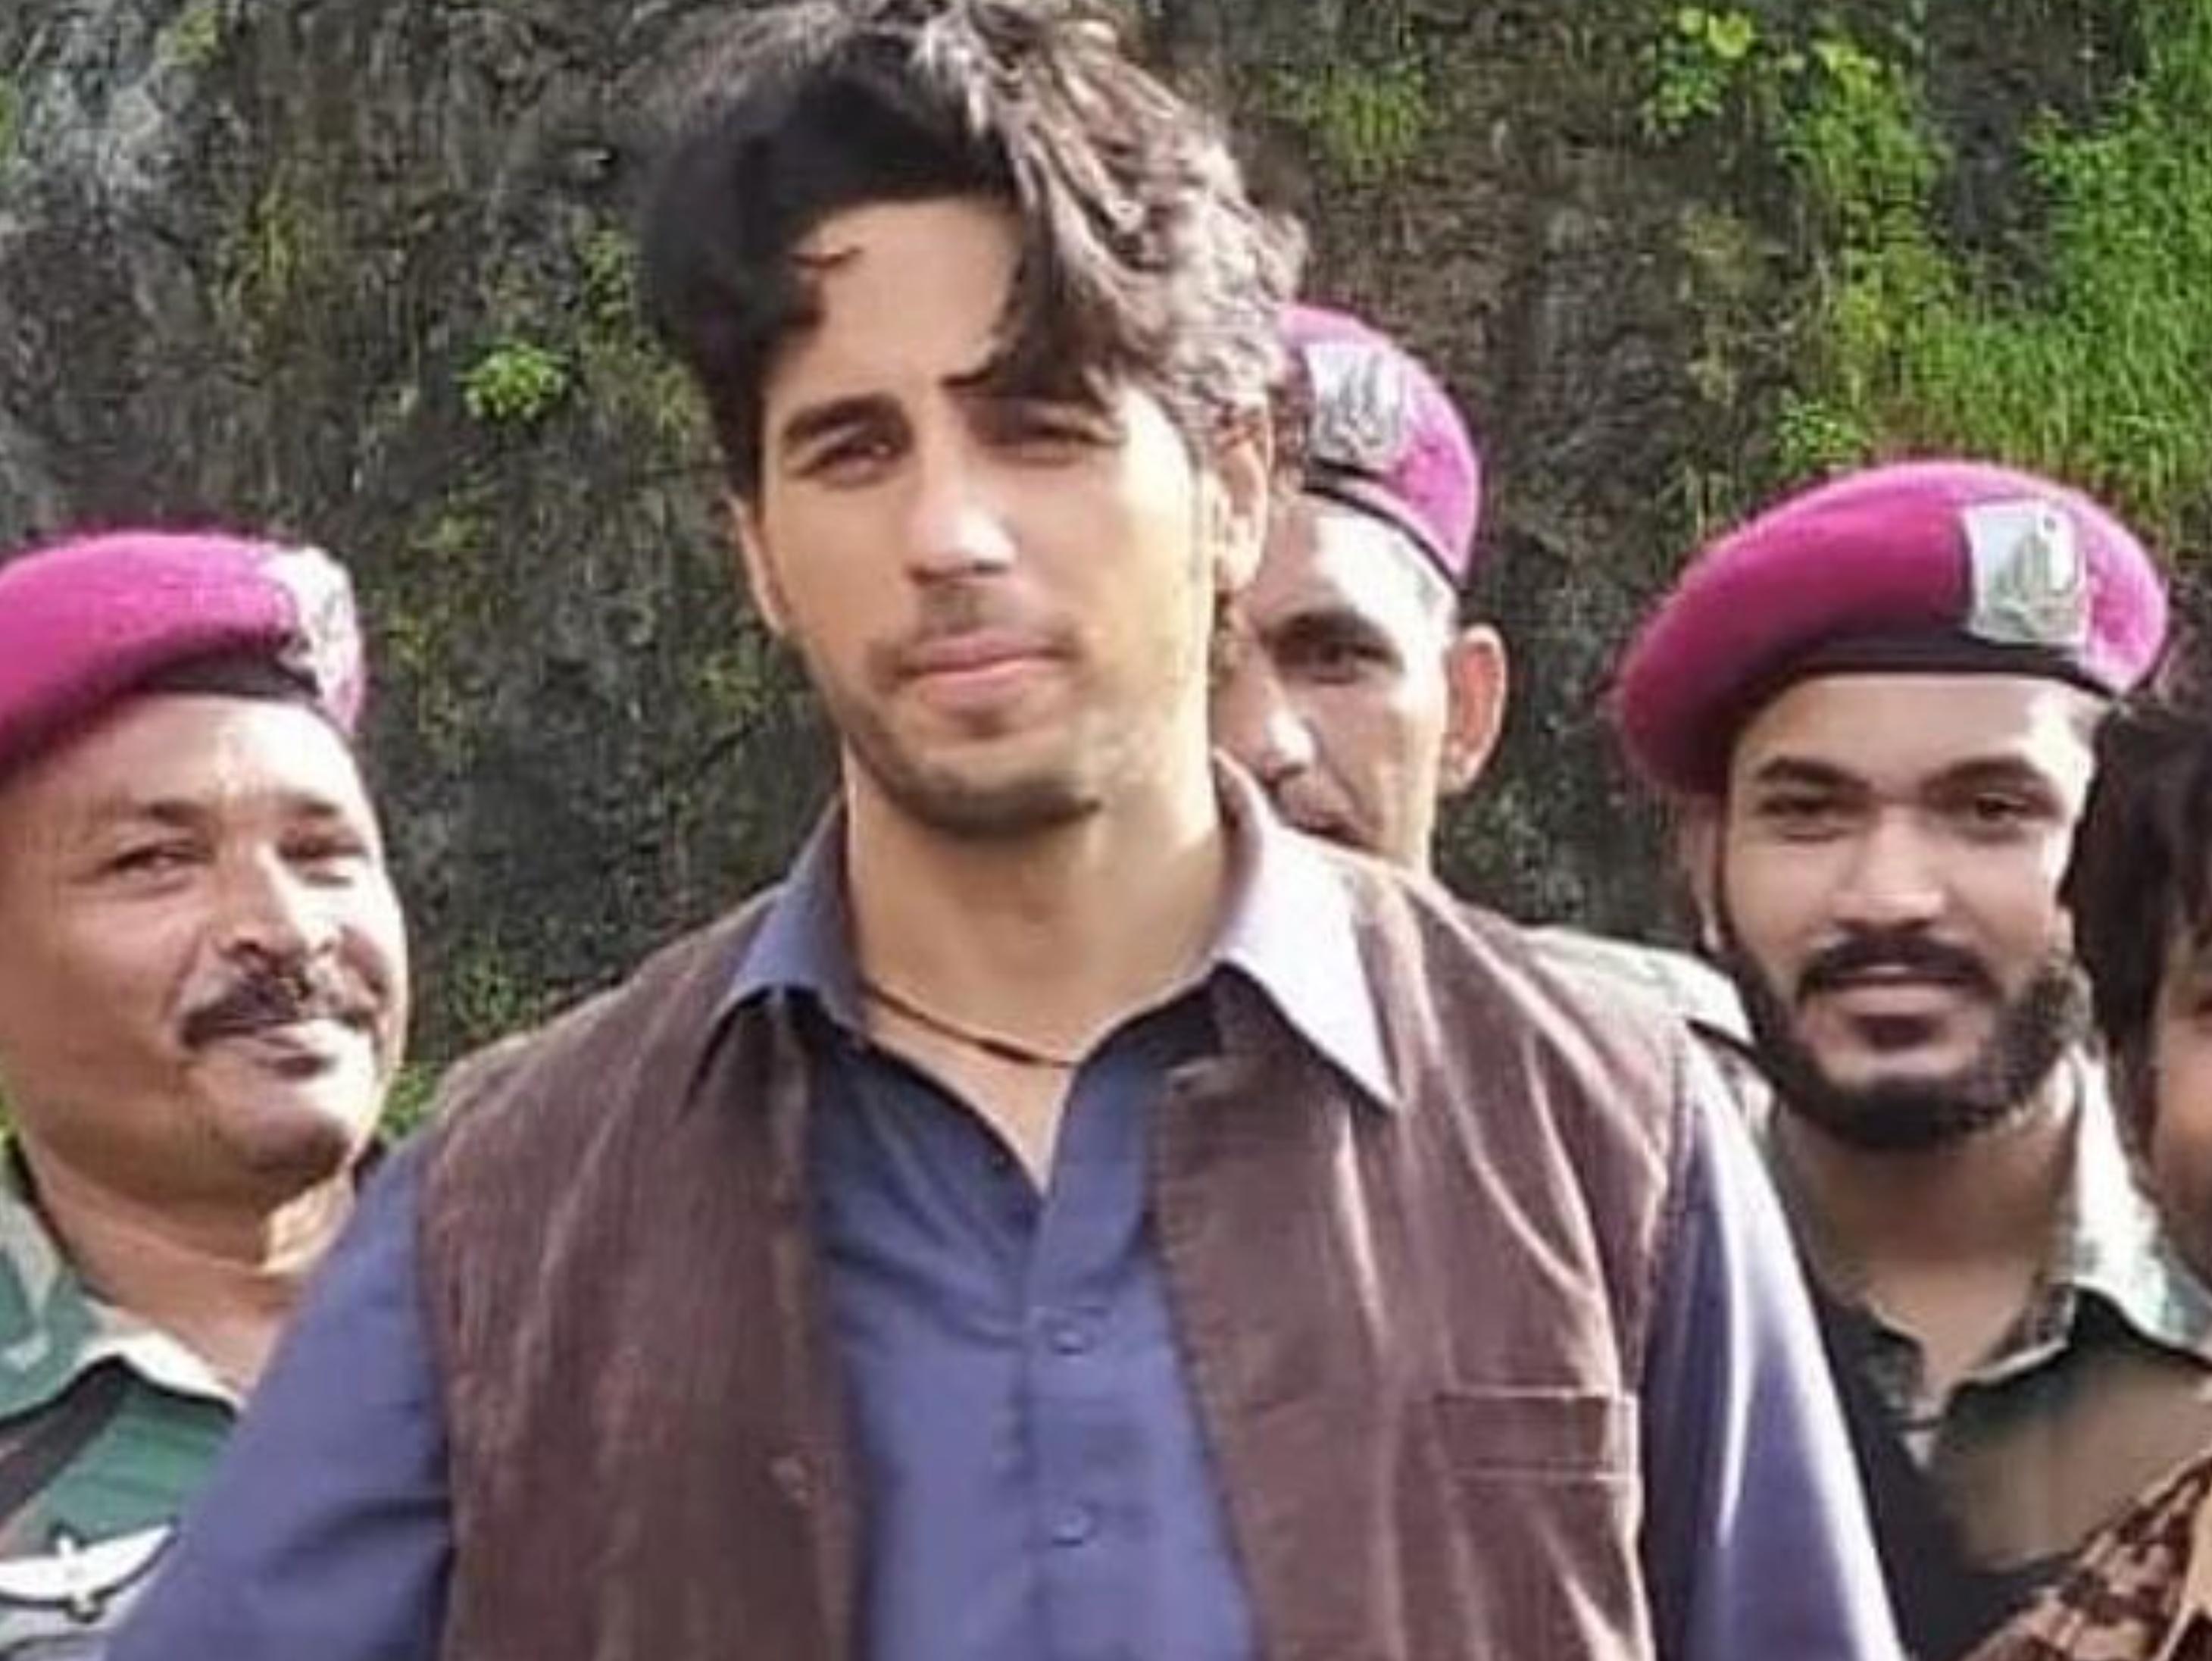 लखनऊ में रीक्रिएट किया पाकिस्तान, सिद्धार्थ स्टीरियोटाइप मुस्लिम न दिखें इसलिए नहीं लगाया आंखों के नीचे गहरा सुरमा बॉलीवुड,Bollywood - Dainik Bhaskar